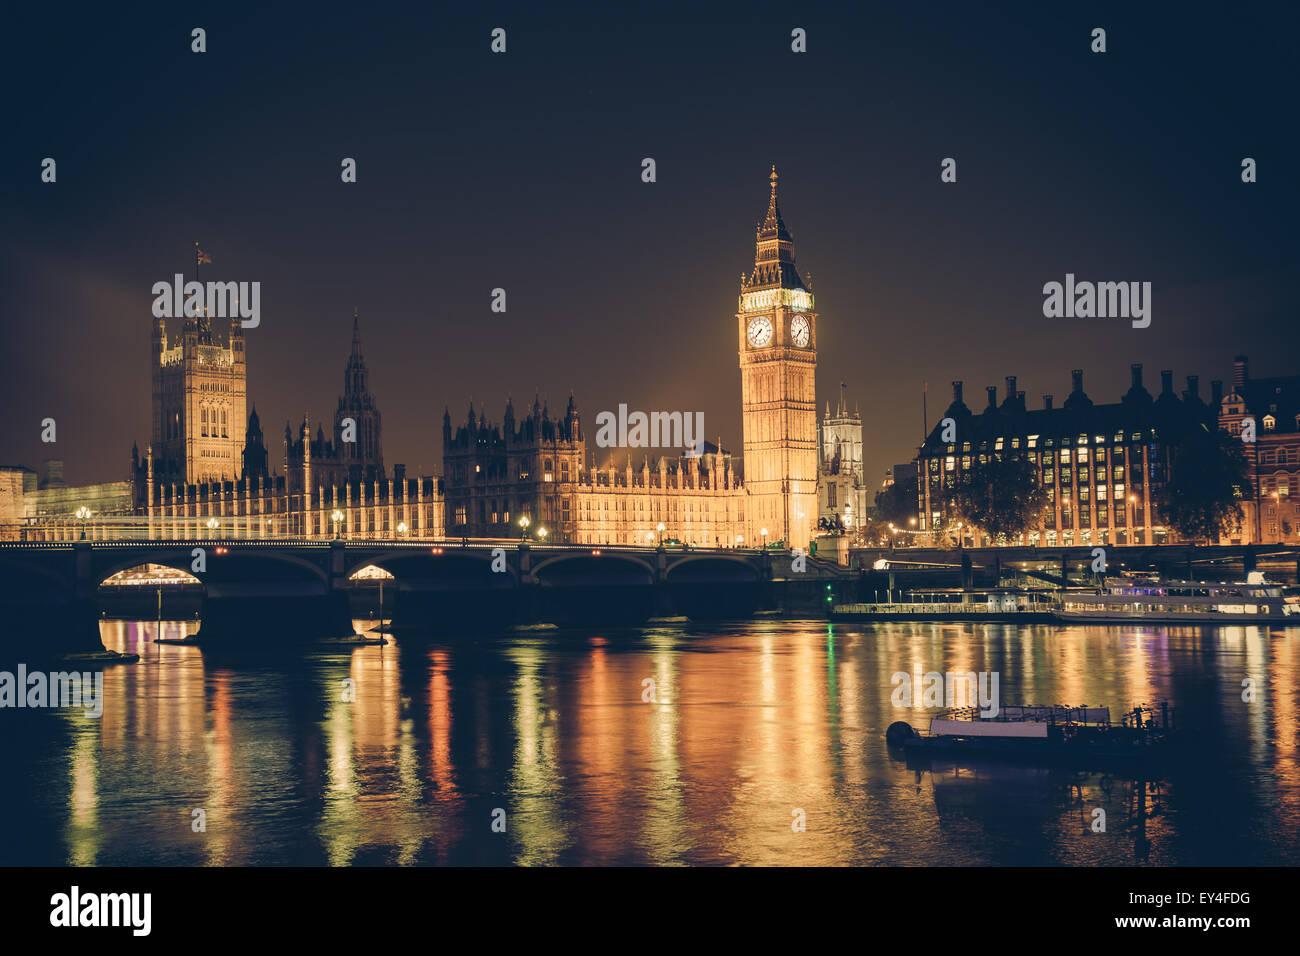 Blick auf Big Ben und Westminster über Themse bei Nacht.  Dieses Bild hat einen Retro-Filtereffekt Stockbild